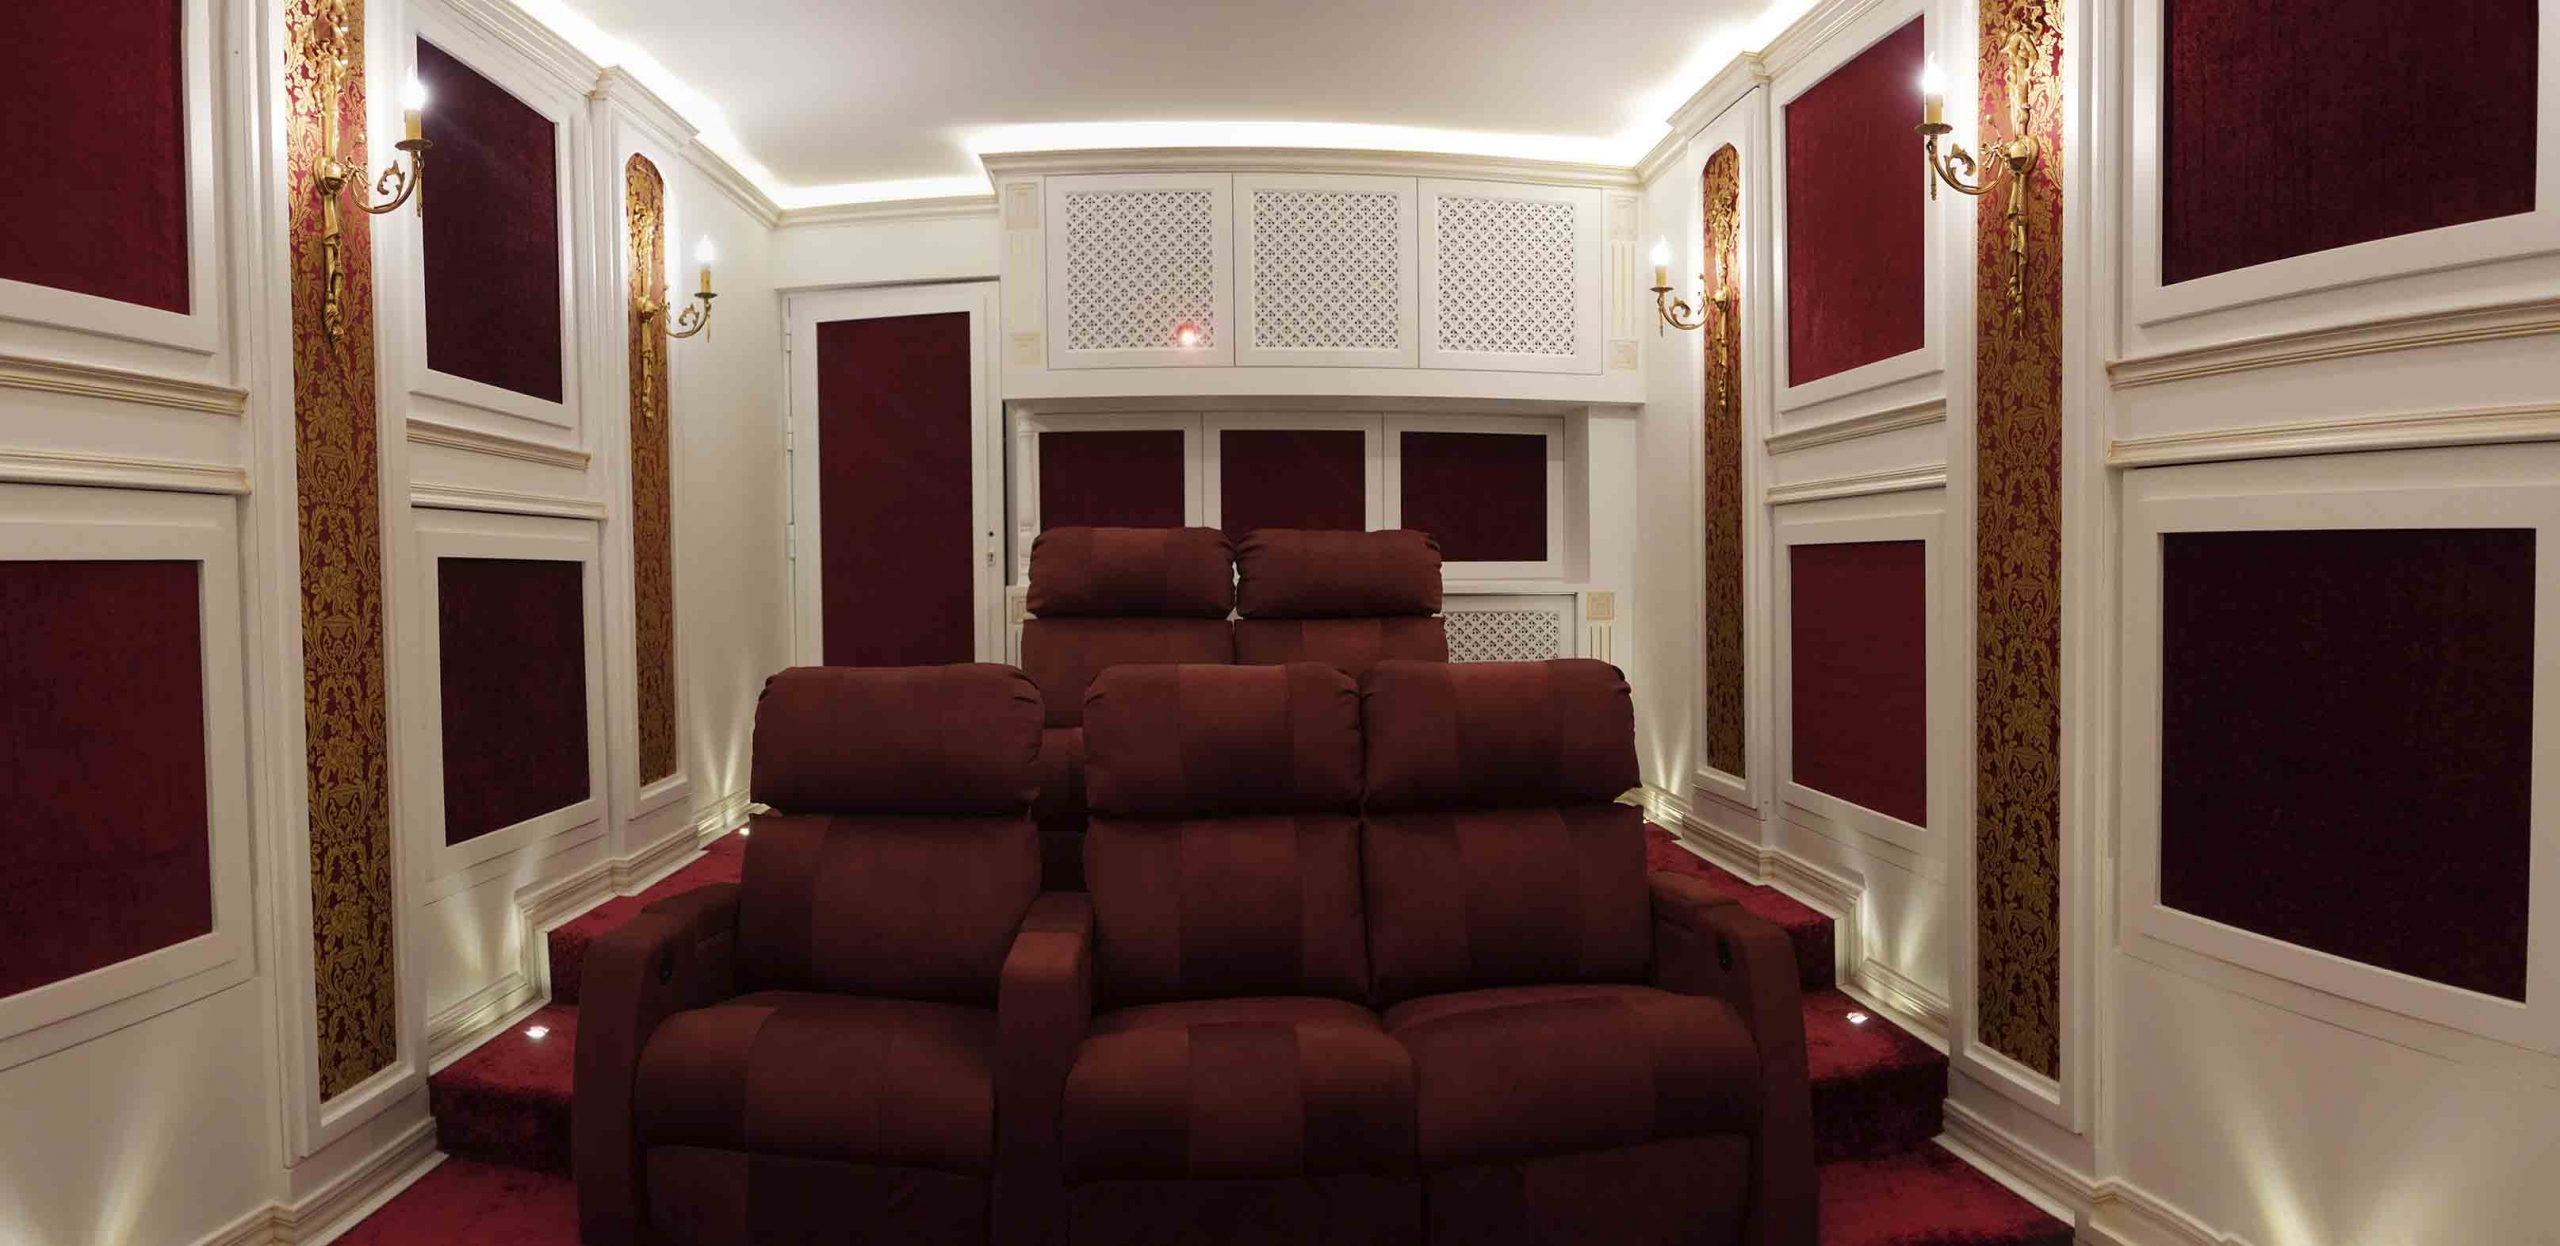 سینمای خانگی خصوصی در ویلای لواسان